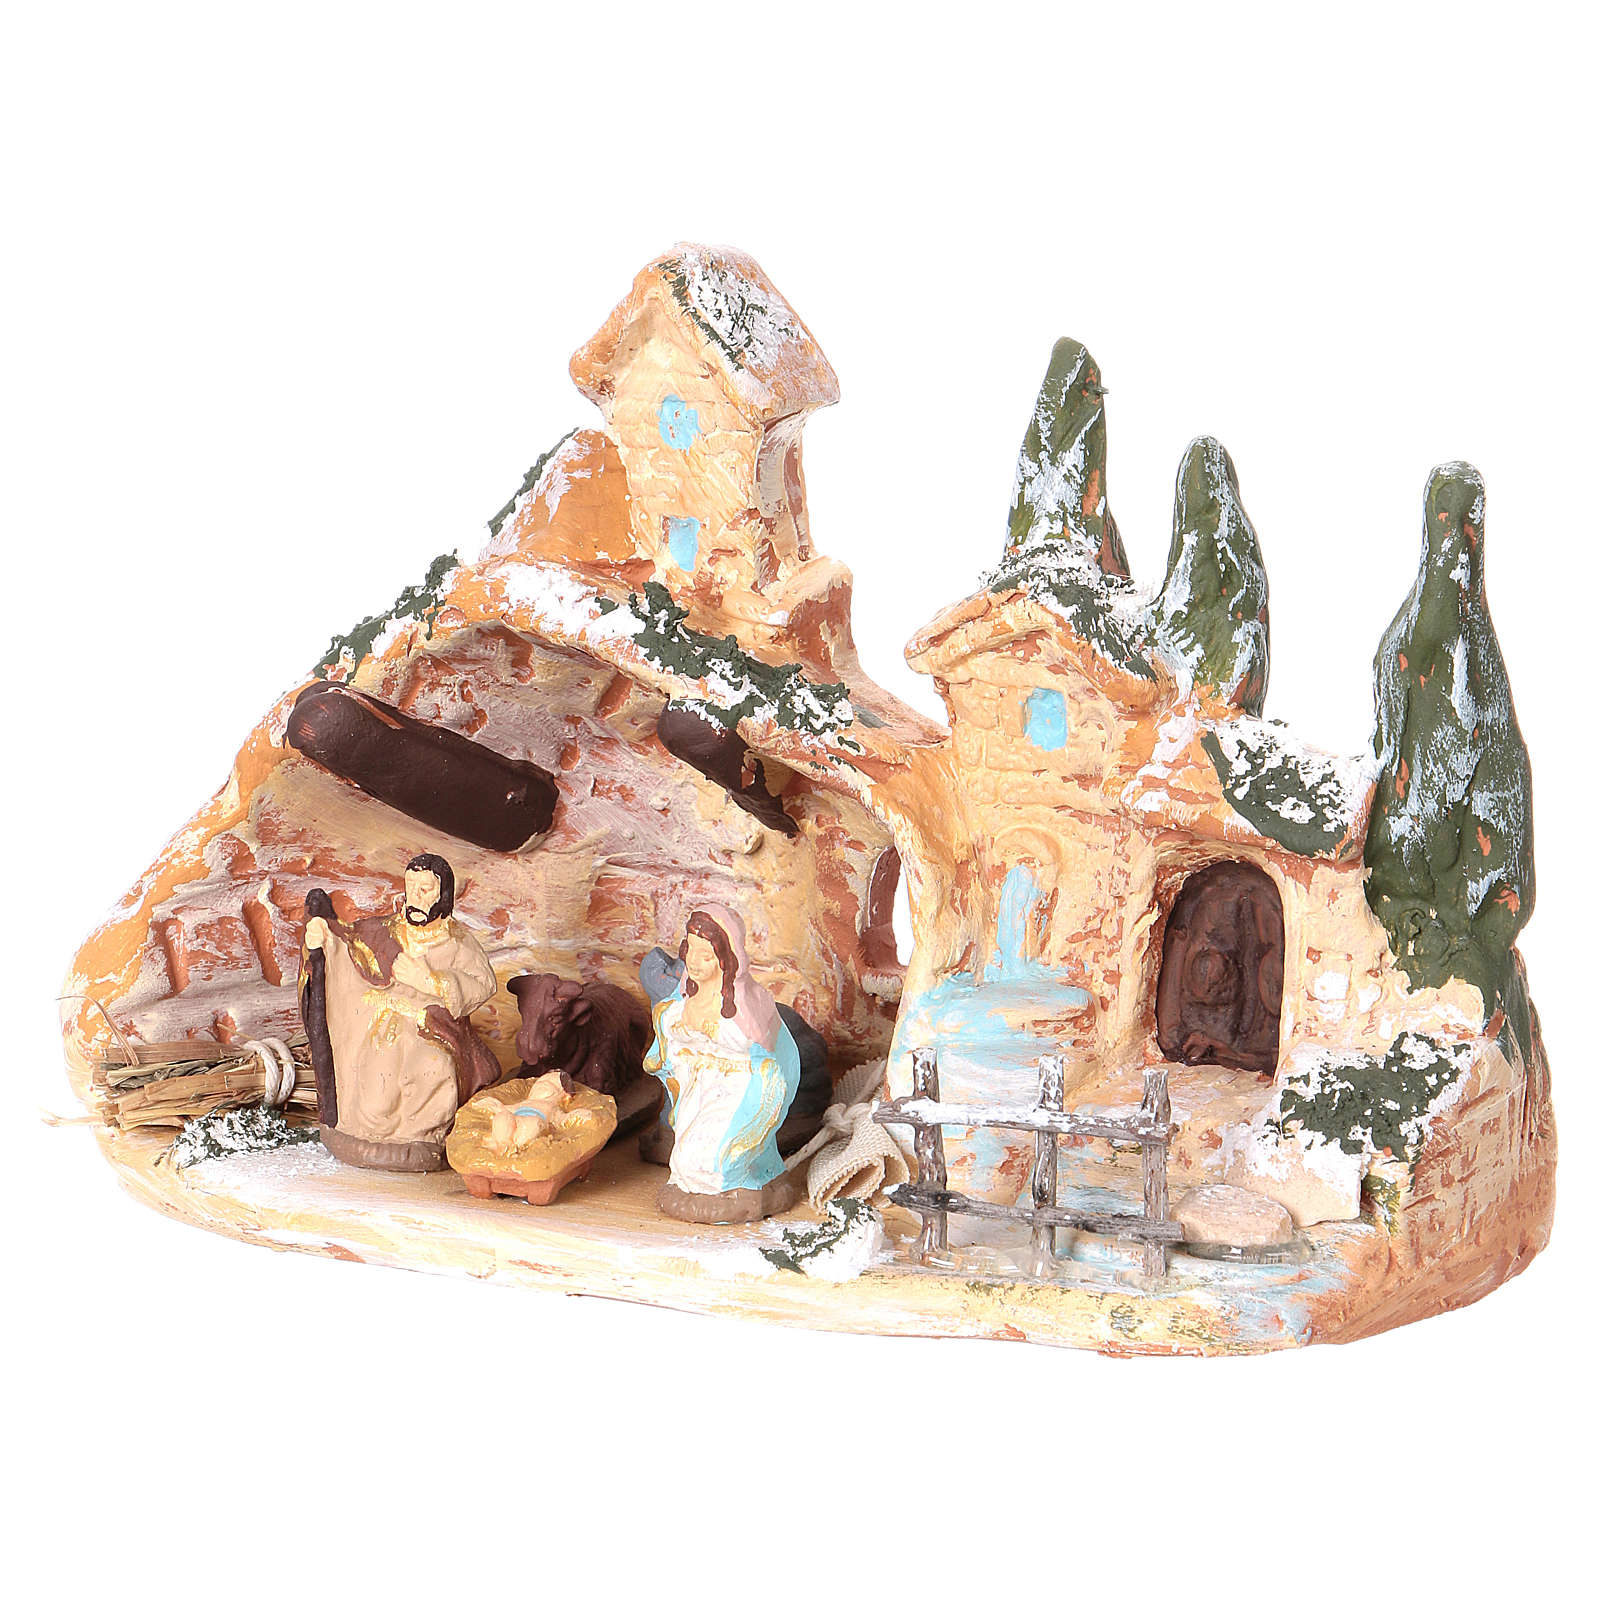 Cabaña con pueblo terracota Deruta natividad 3 cm 10x15x10 cm 4